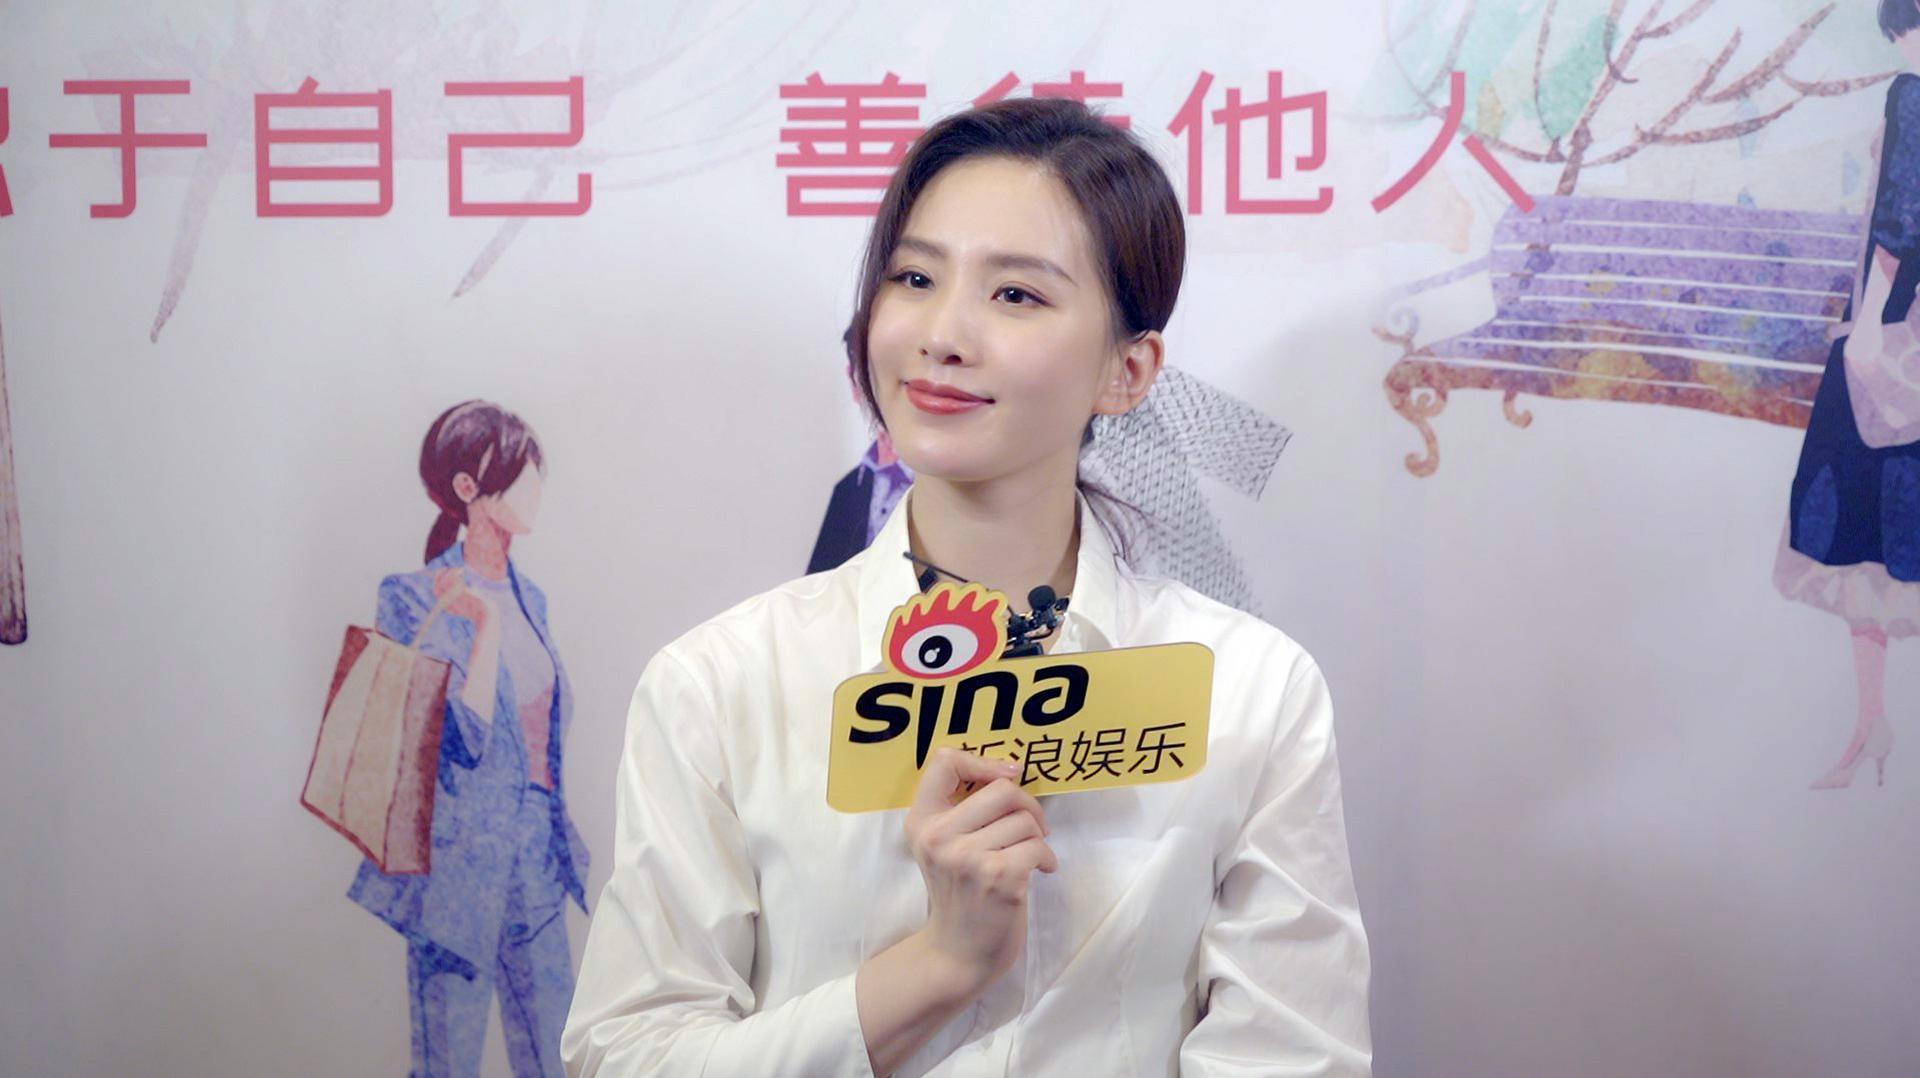 刘诗诗回应李思雨人设争议 演完变得更直接说话很冲